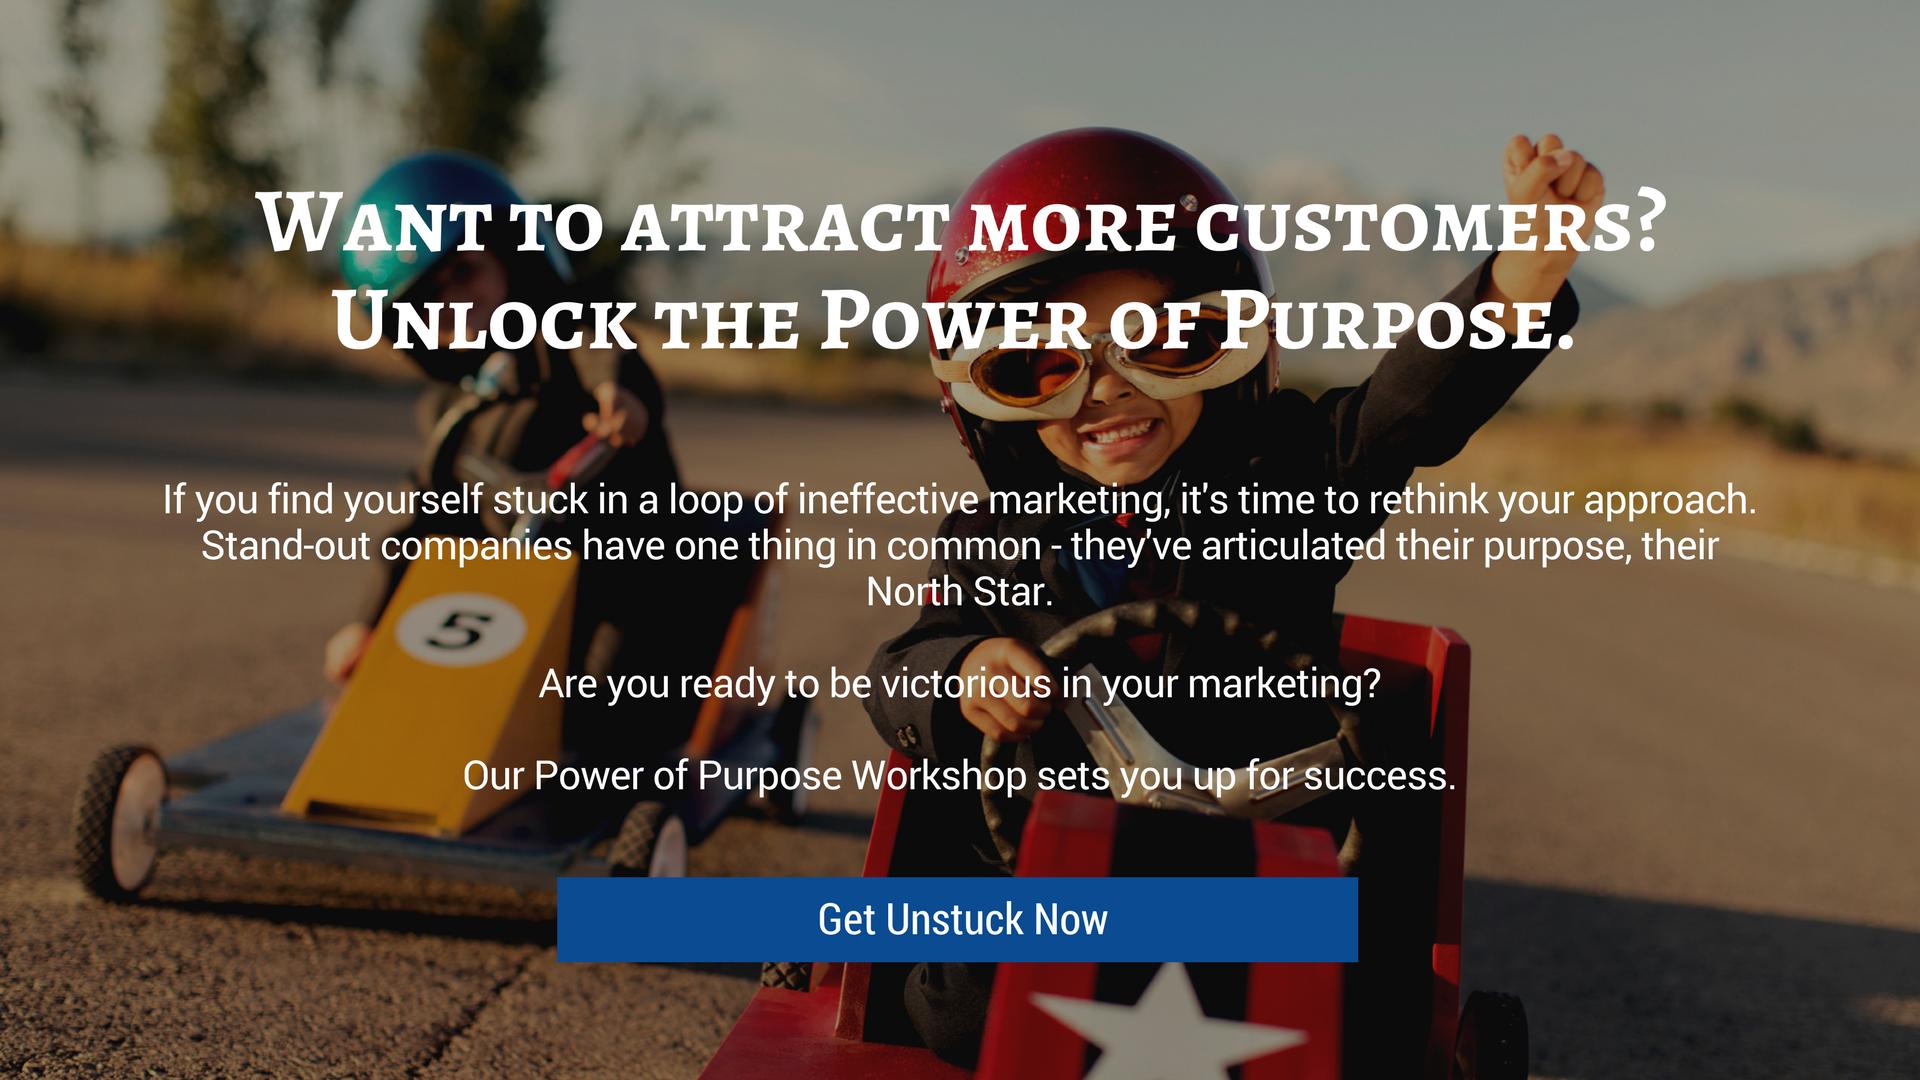 Power_of_Purpose_Workshop